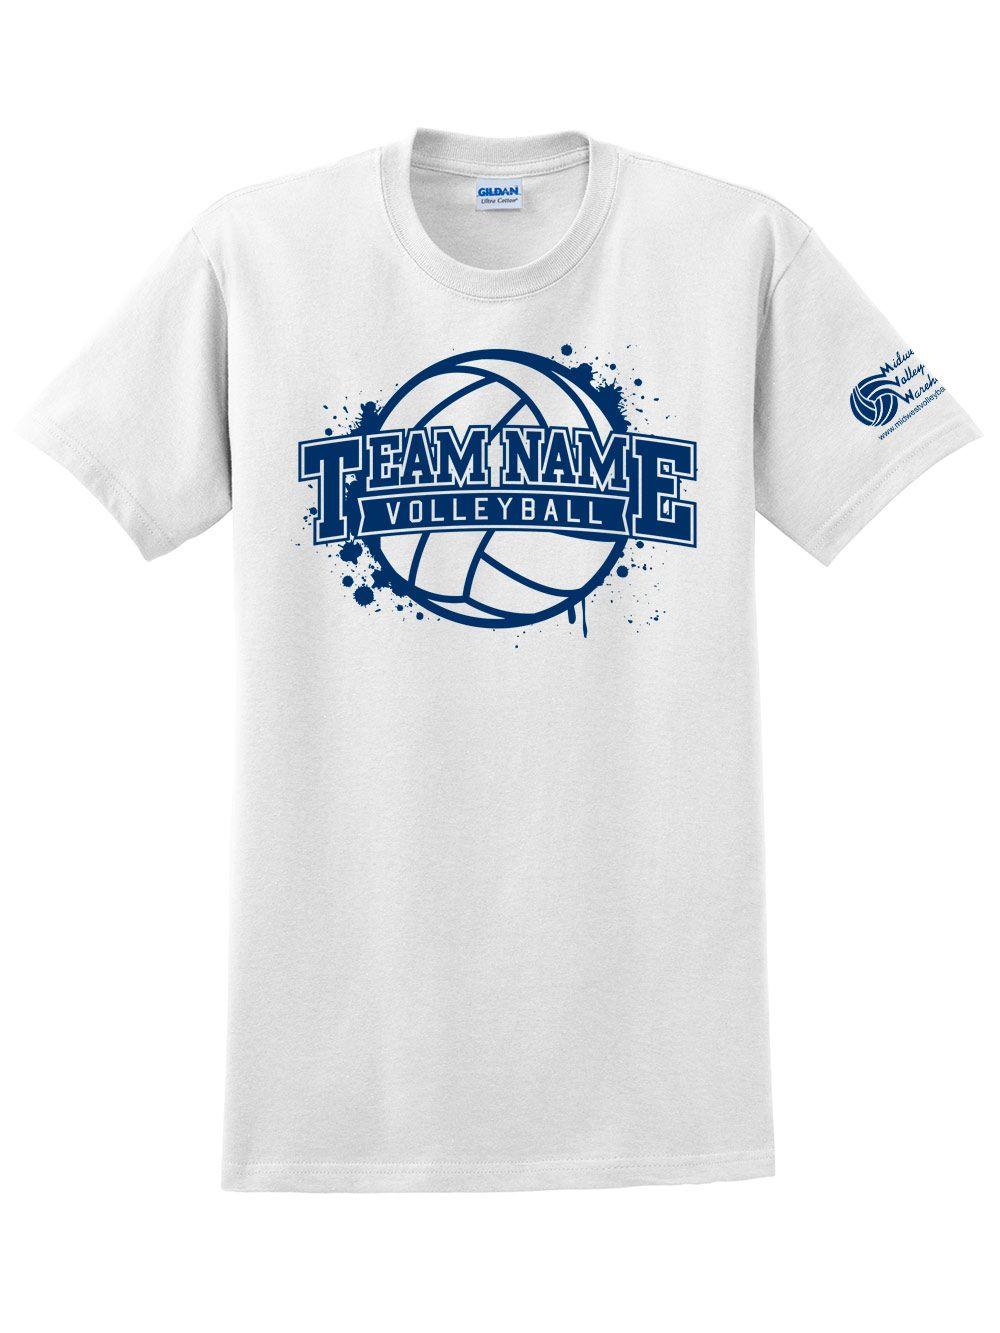 Custom Paint Splatter Shirt Midwest Volleyball Warehouse Volleyball Shirt Designs Volleyball T Shirt Designs Team Shirt Designs